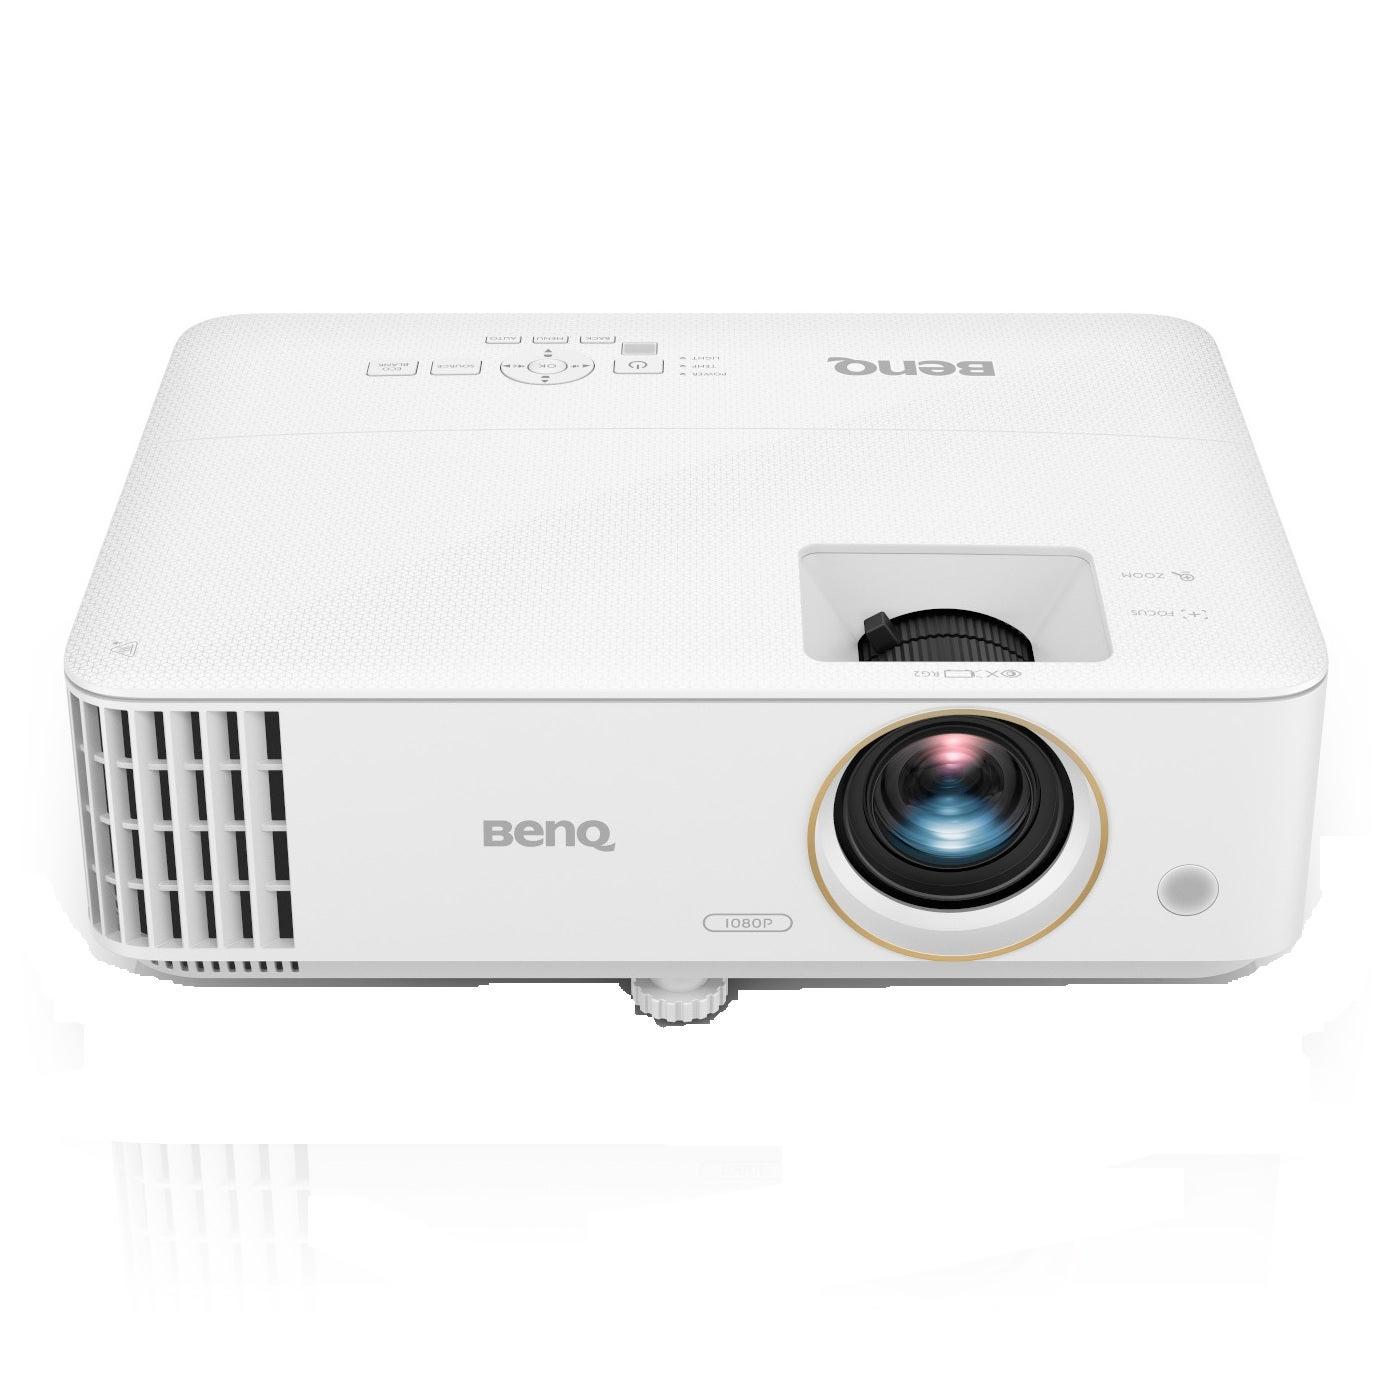 Benq TH585 DLP Projector